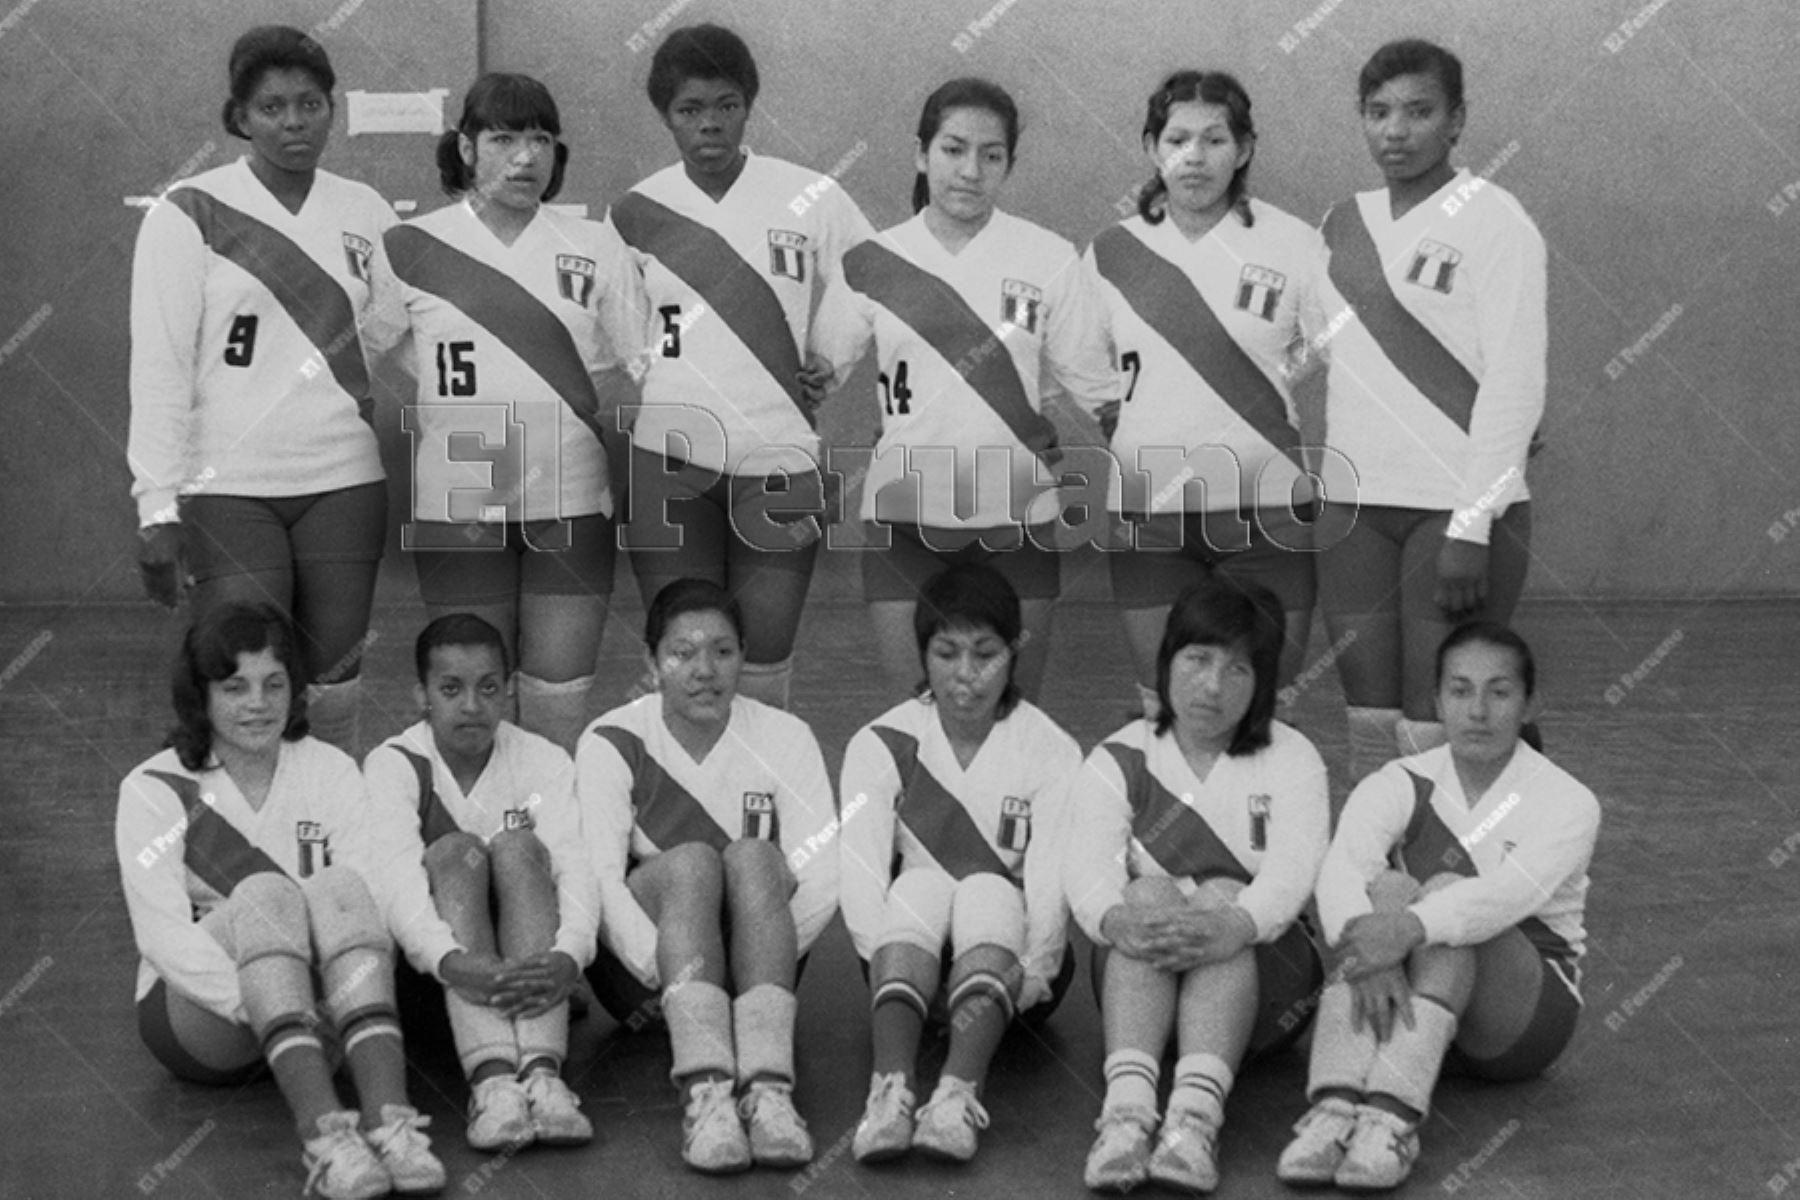 Lima - 4 octubre 1974 / Presentación de la selección peruana de voleibol con Lucha Fuentes, Ana Cecilia Carrillo, Norma Velarde  e  Irma Cordero  como sus figuras principales.  Foto: Archivo Histórico de El Peruano / Raúl Sagástegui